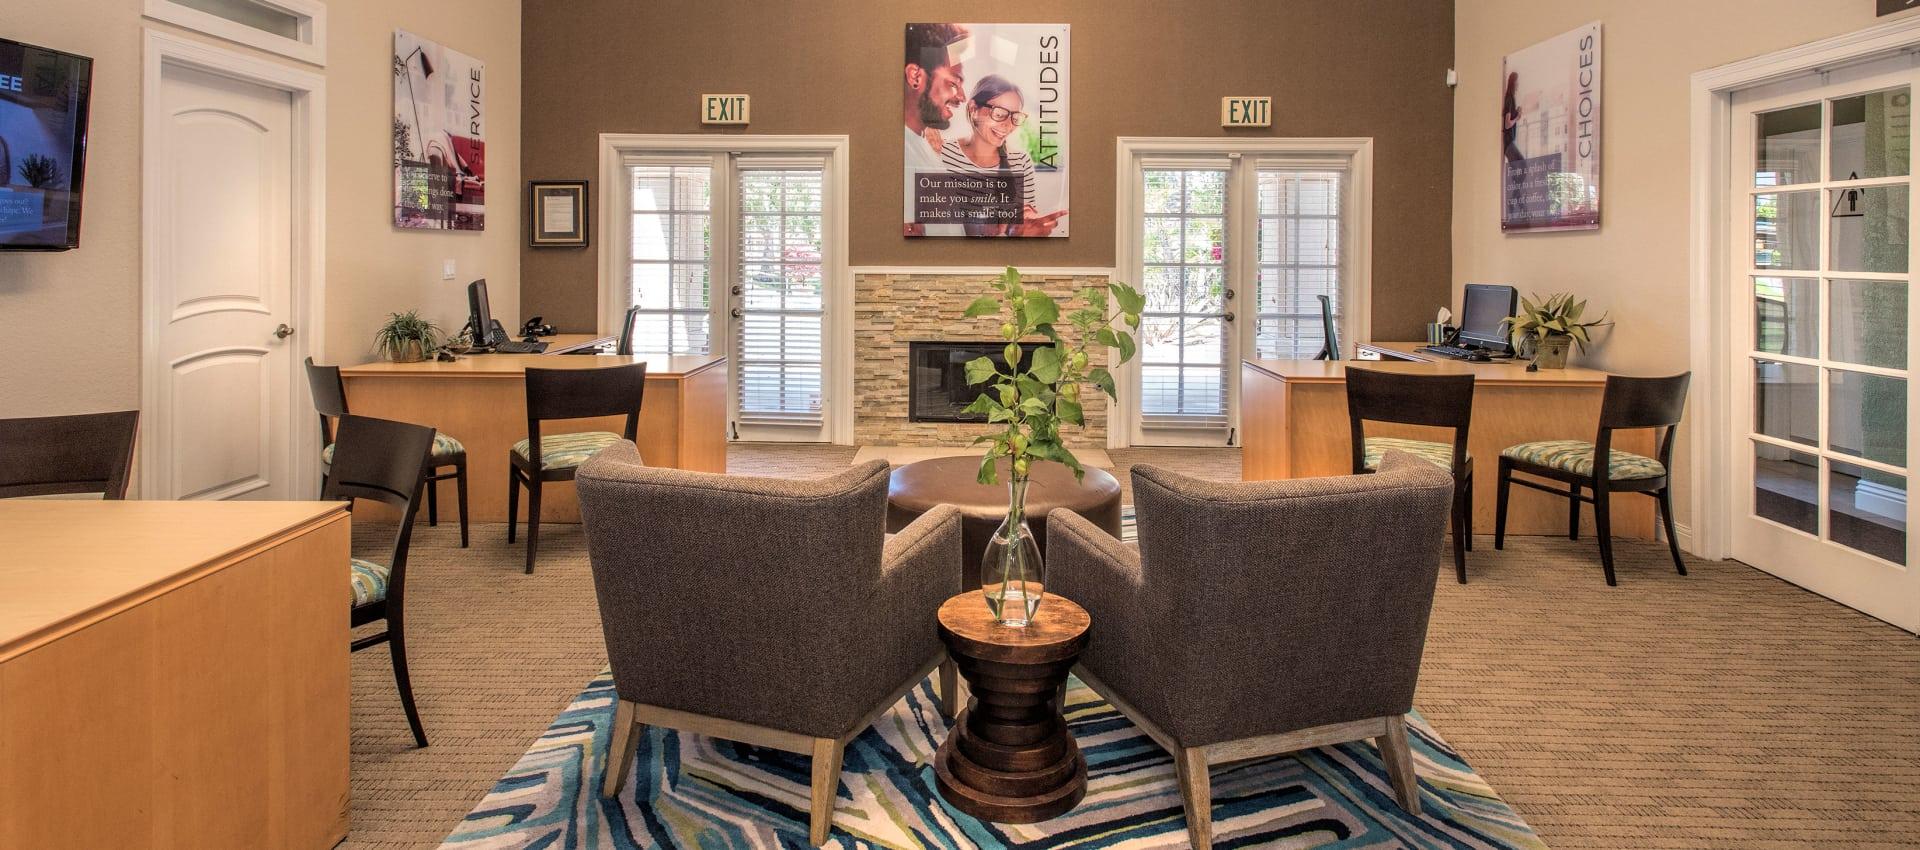 Living room at Hidden Hills Condominium Rentals in Laguna Niguel, California